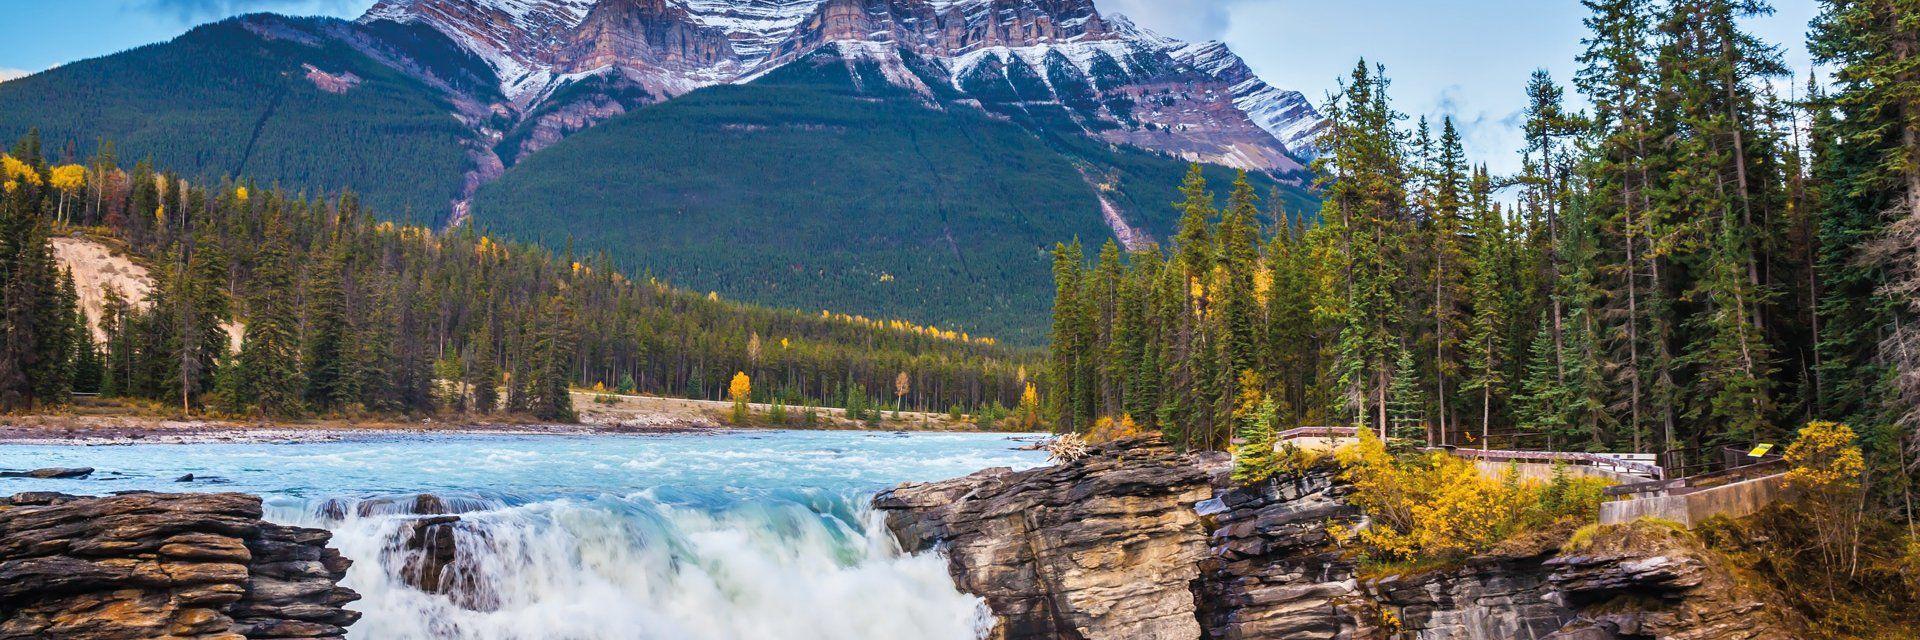 Escapade dans l'Ouest canadien en train panoramique